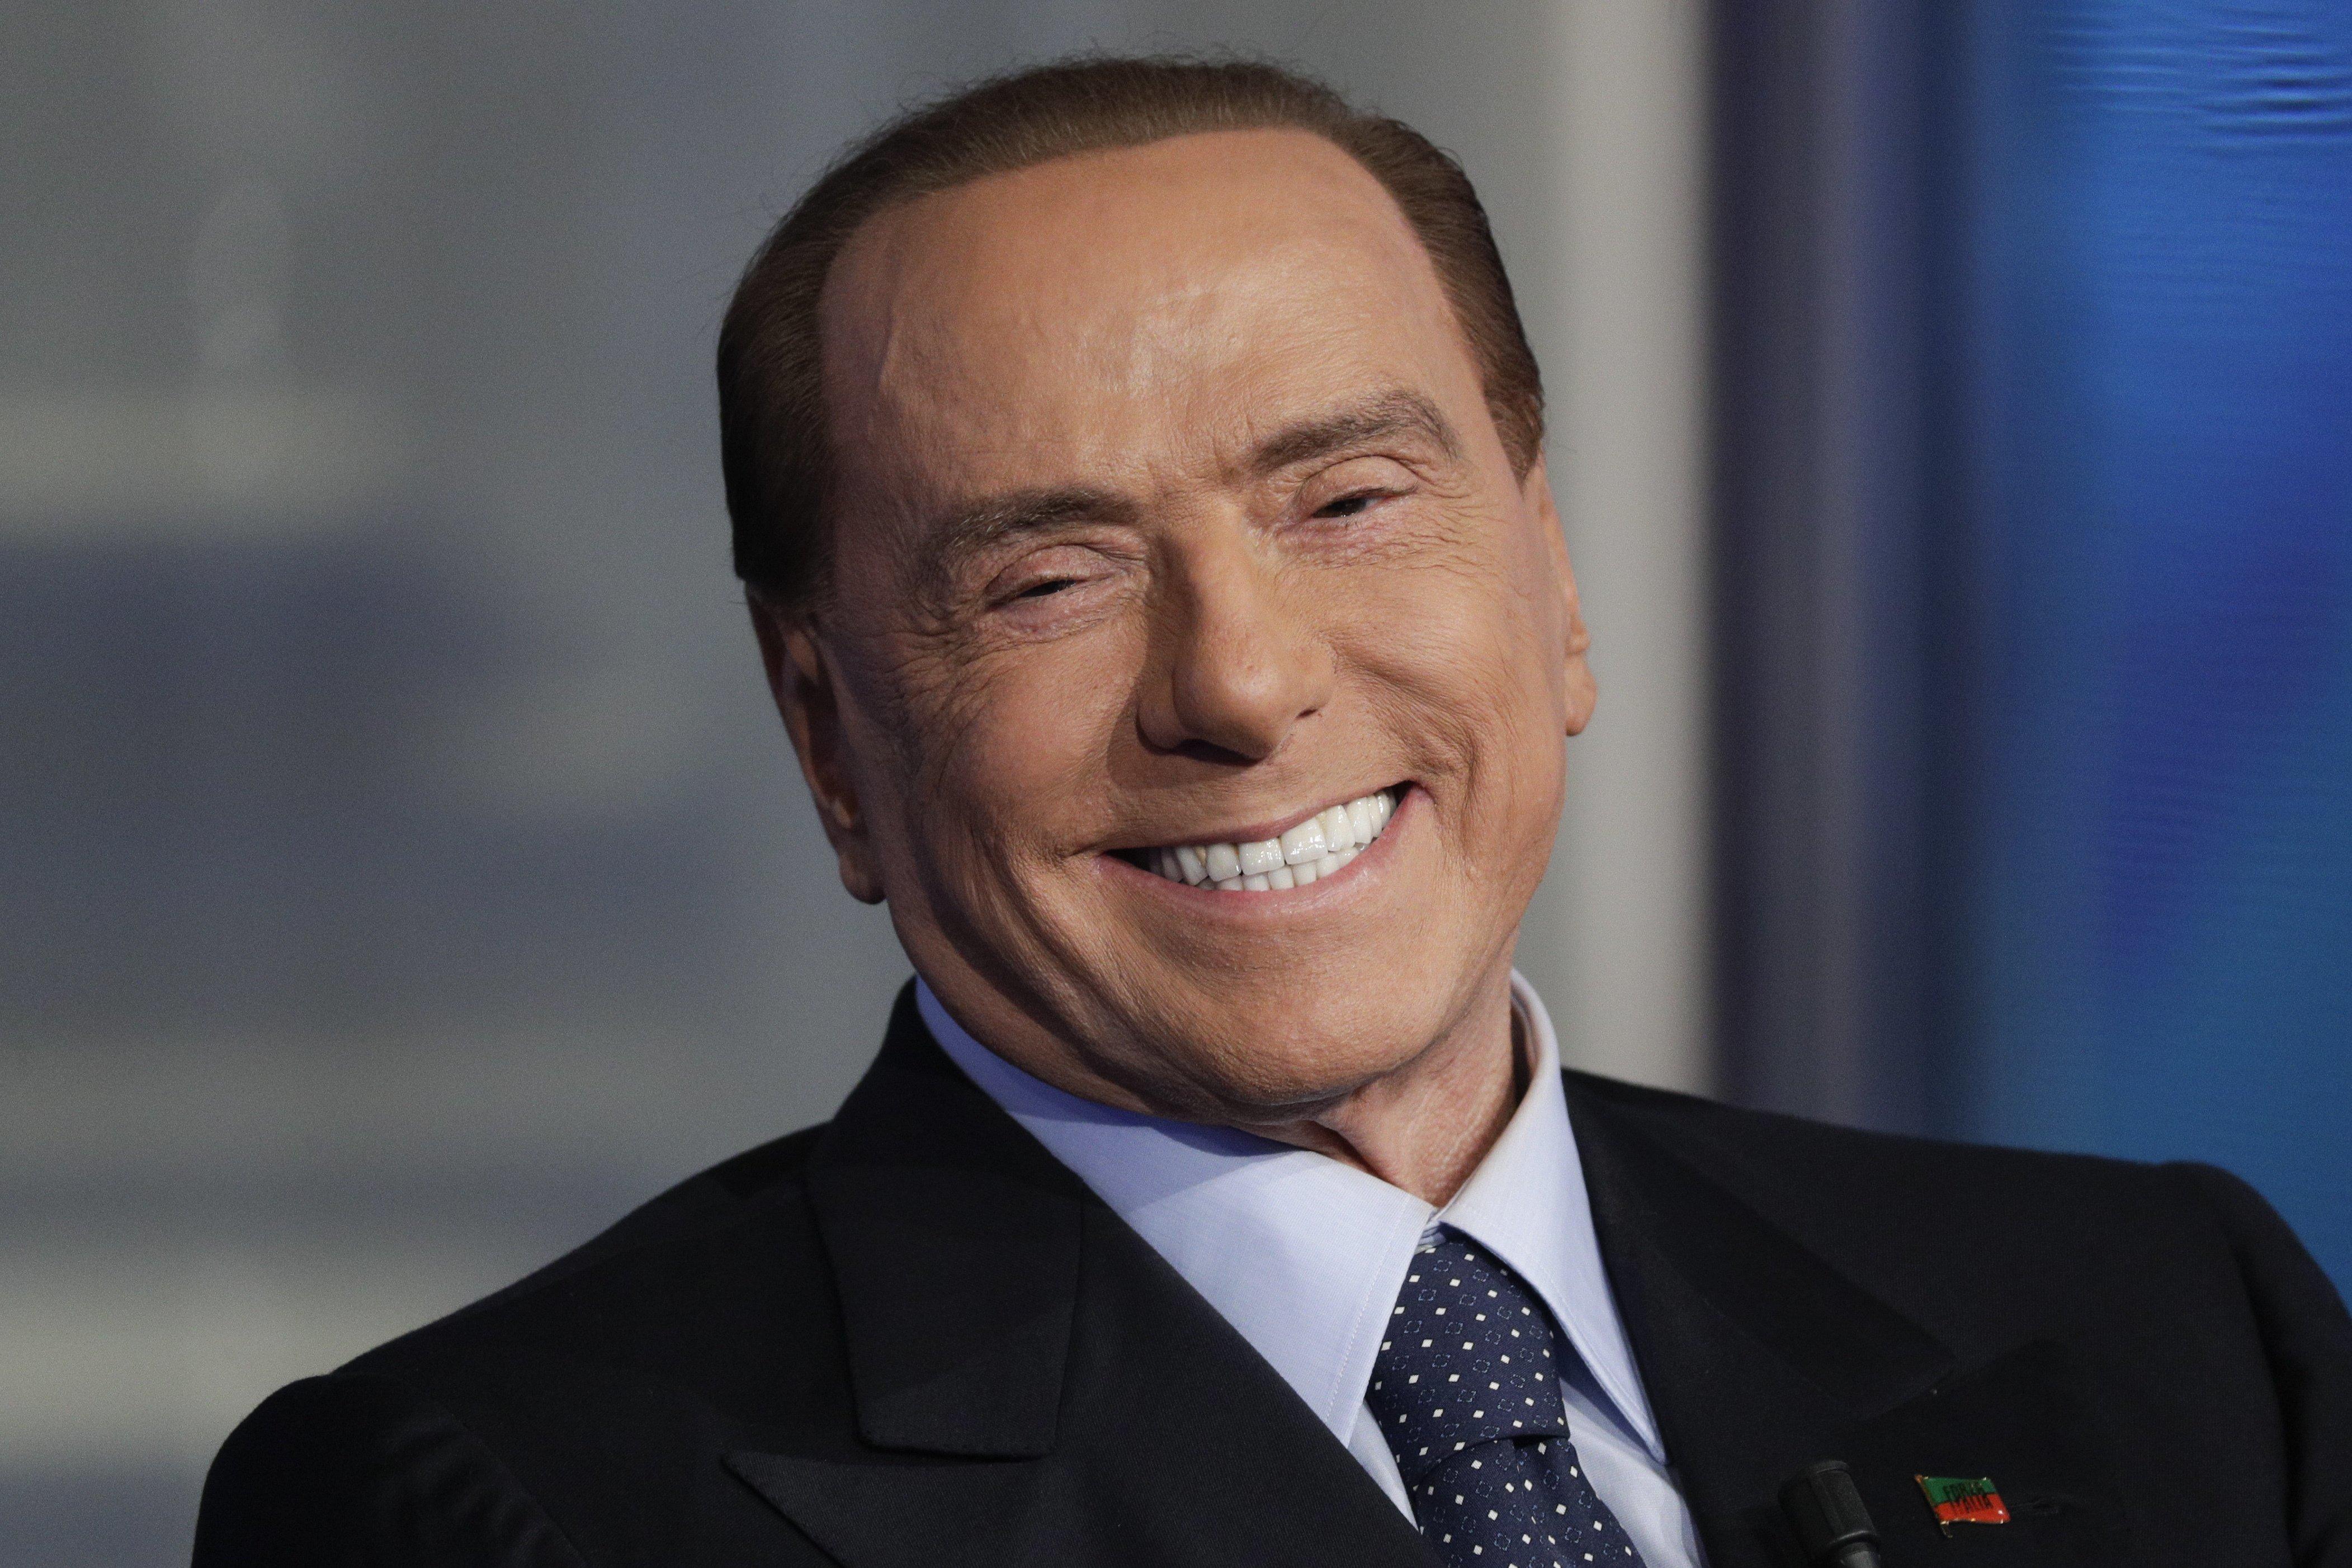 Comunali: Berlusconi a Viterbo venerdì alle 12